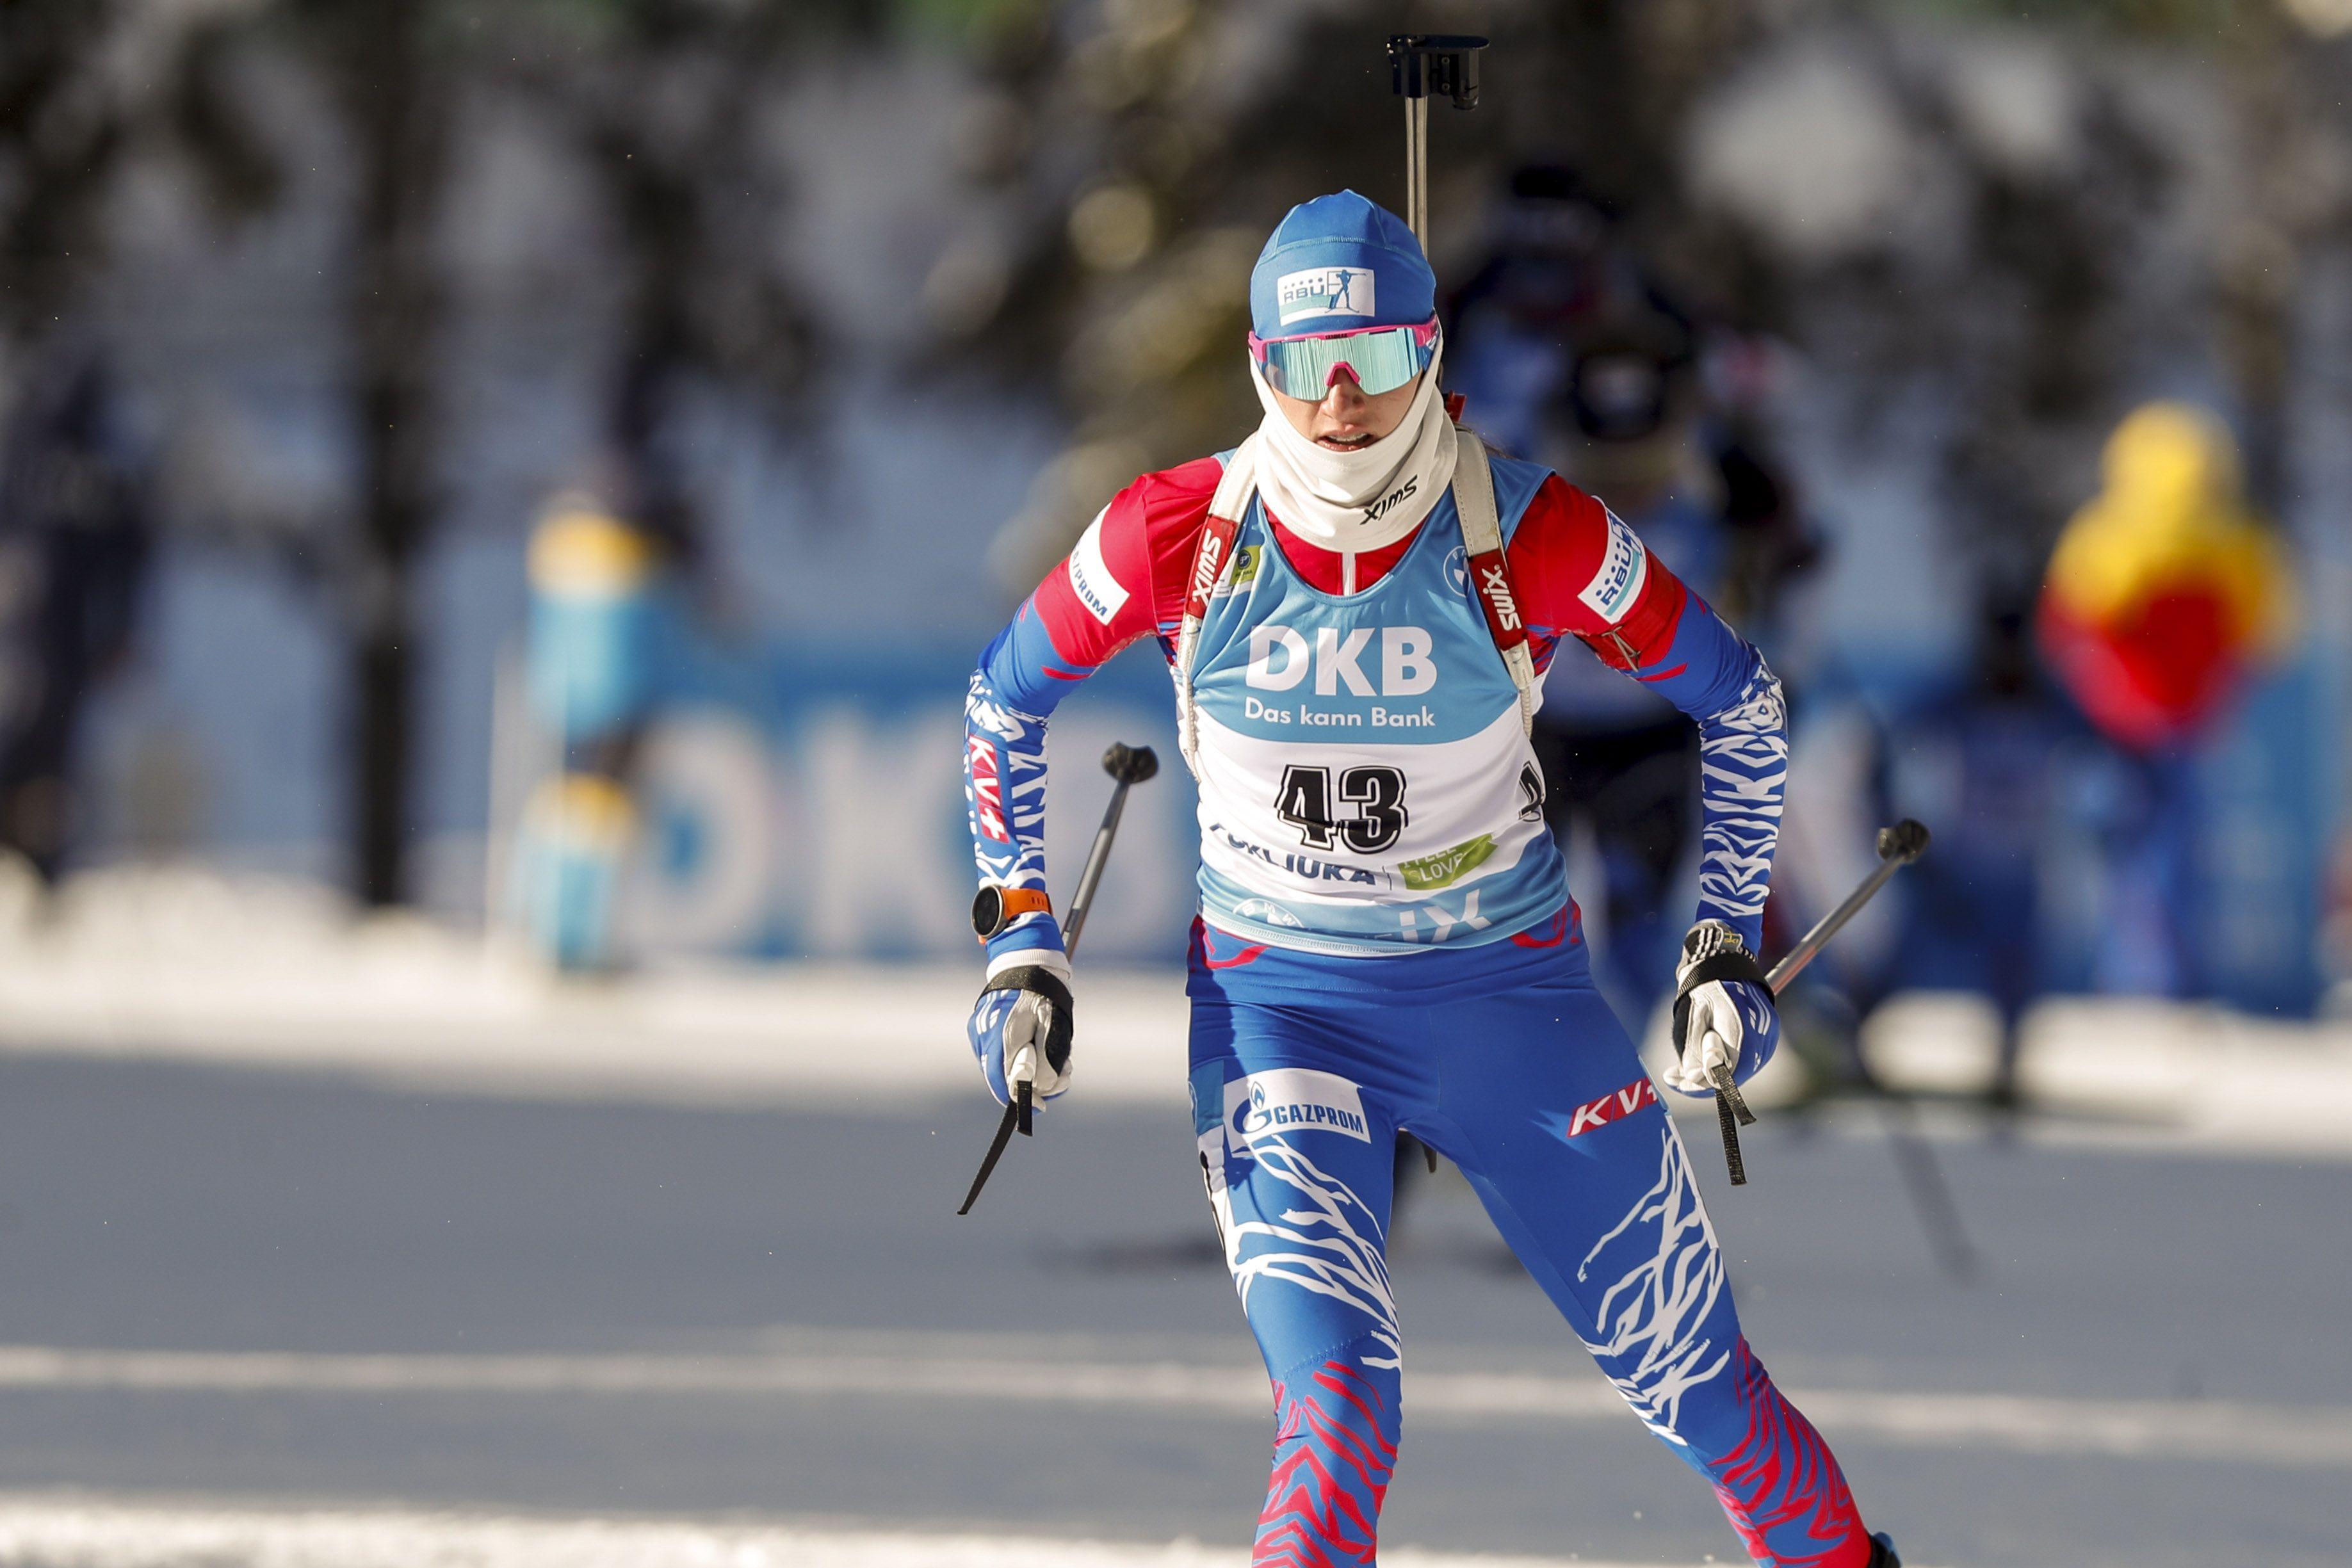 Определился состав сборной России на женский масс-старт на ЧМ по биатлону